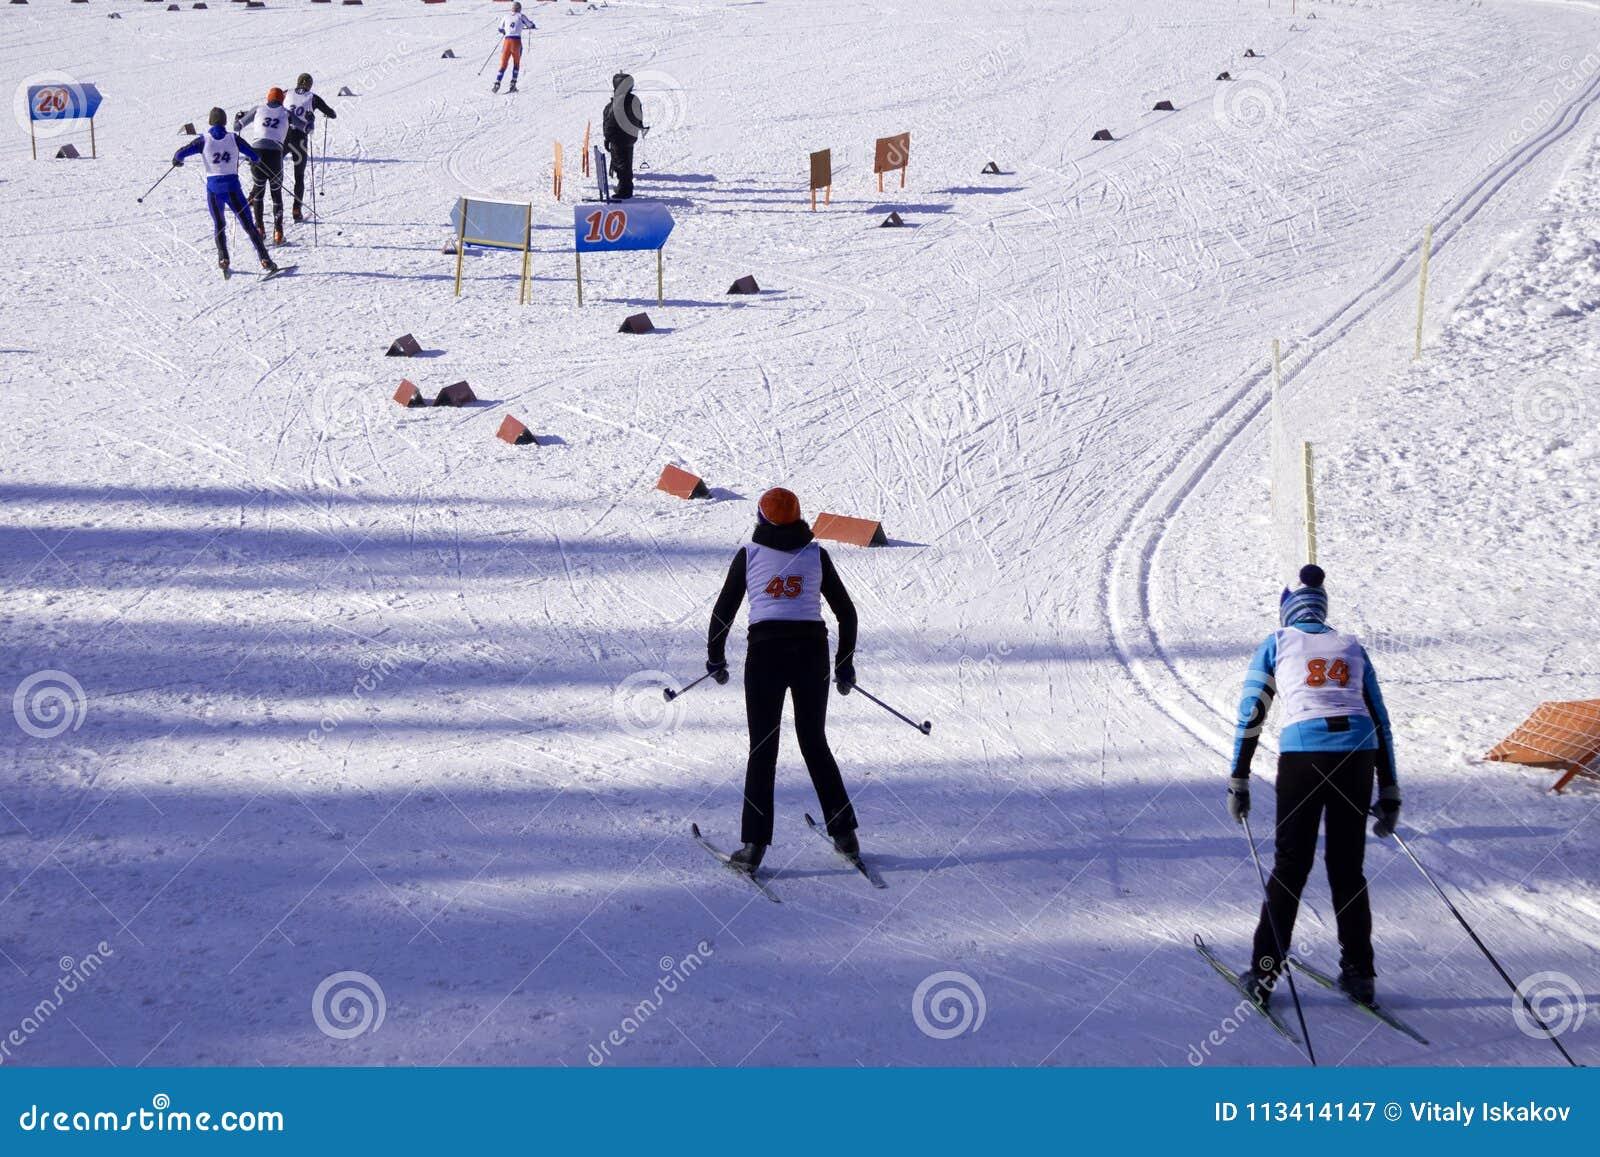 Les skieurs croisent la pente de ski avant le début